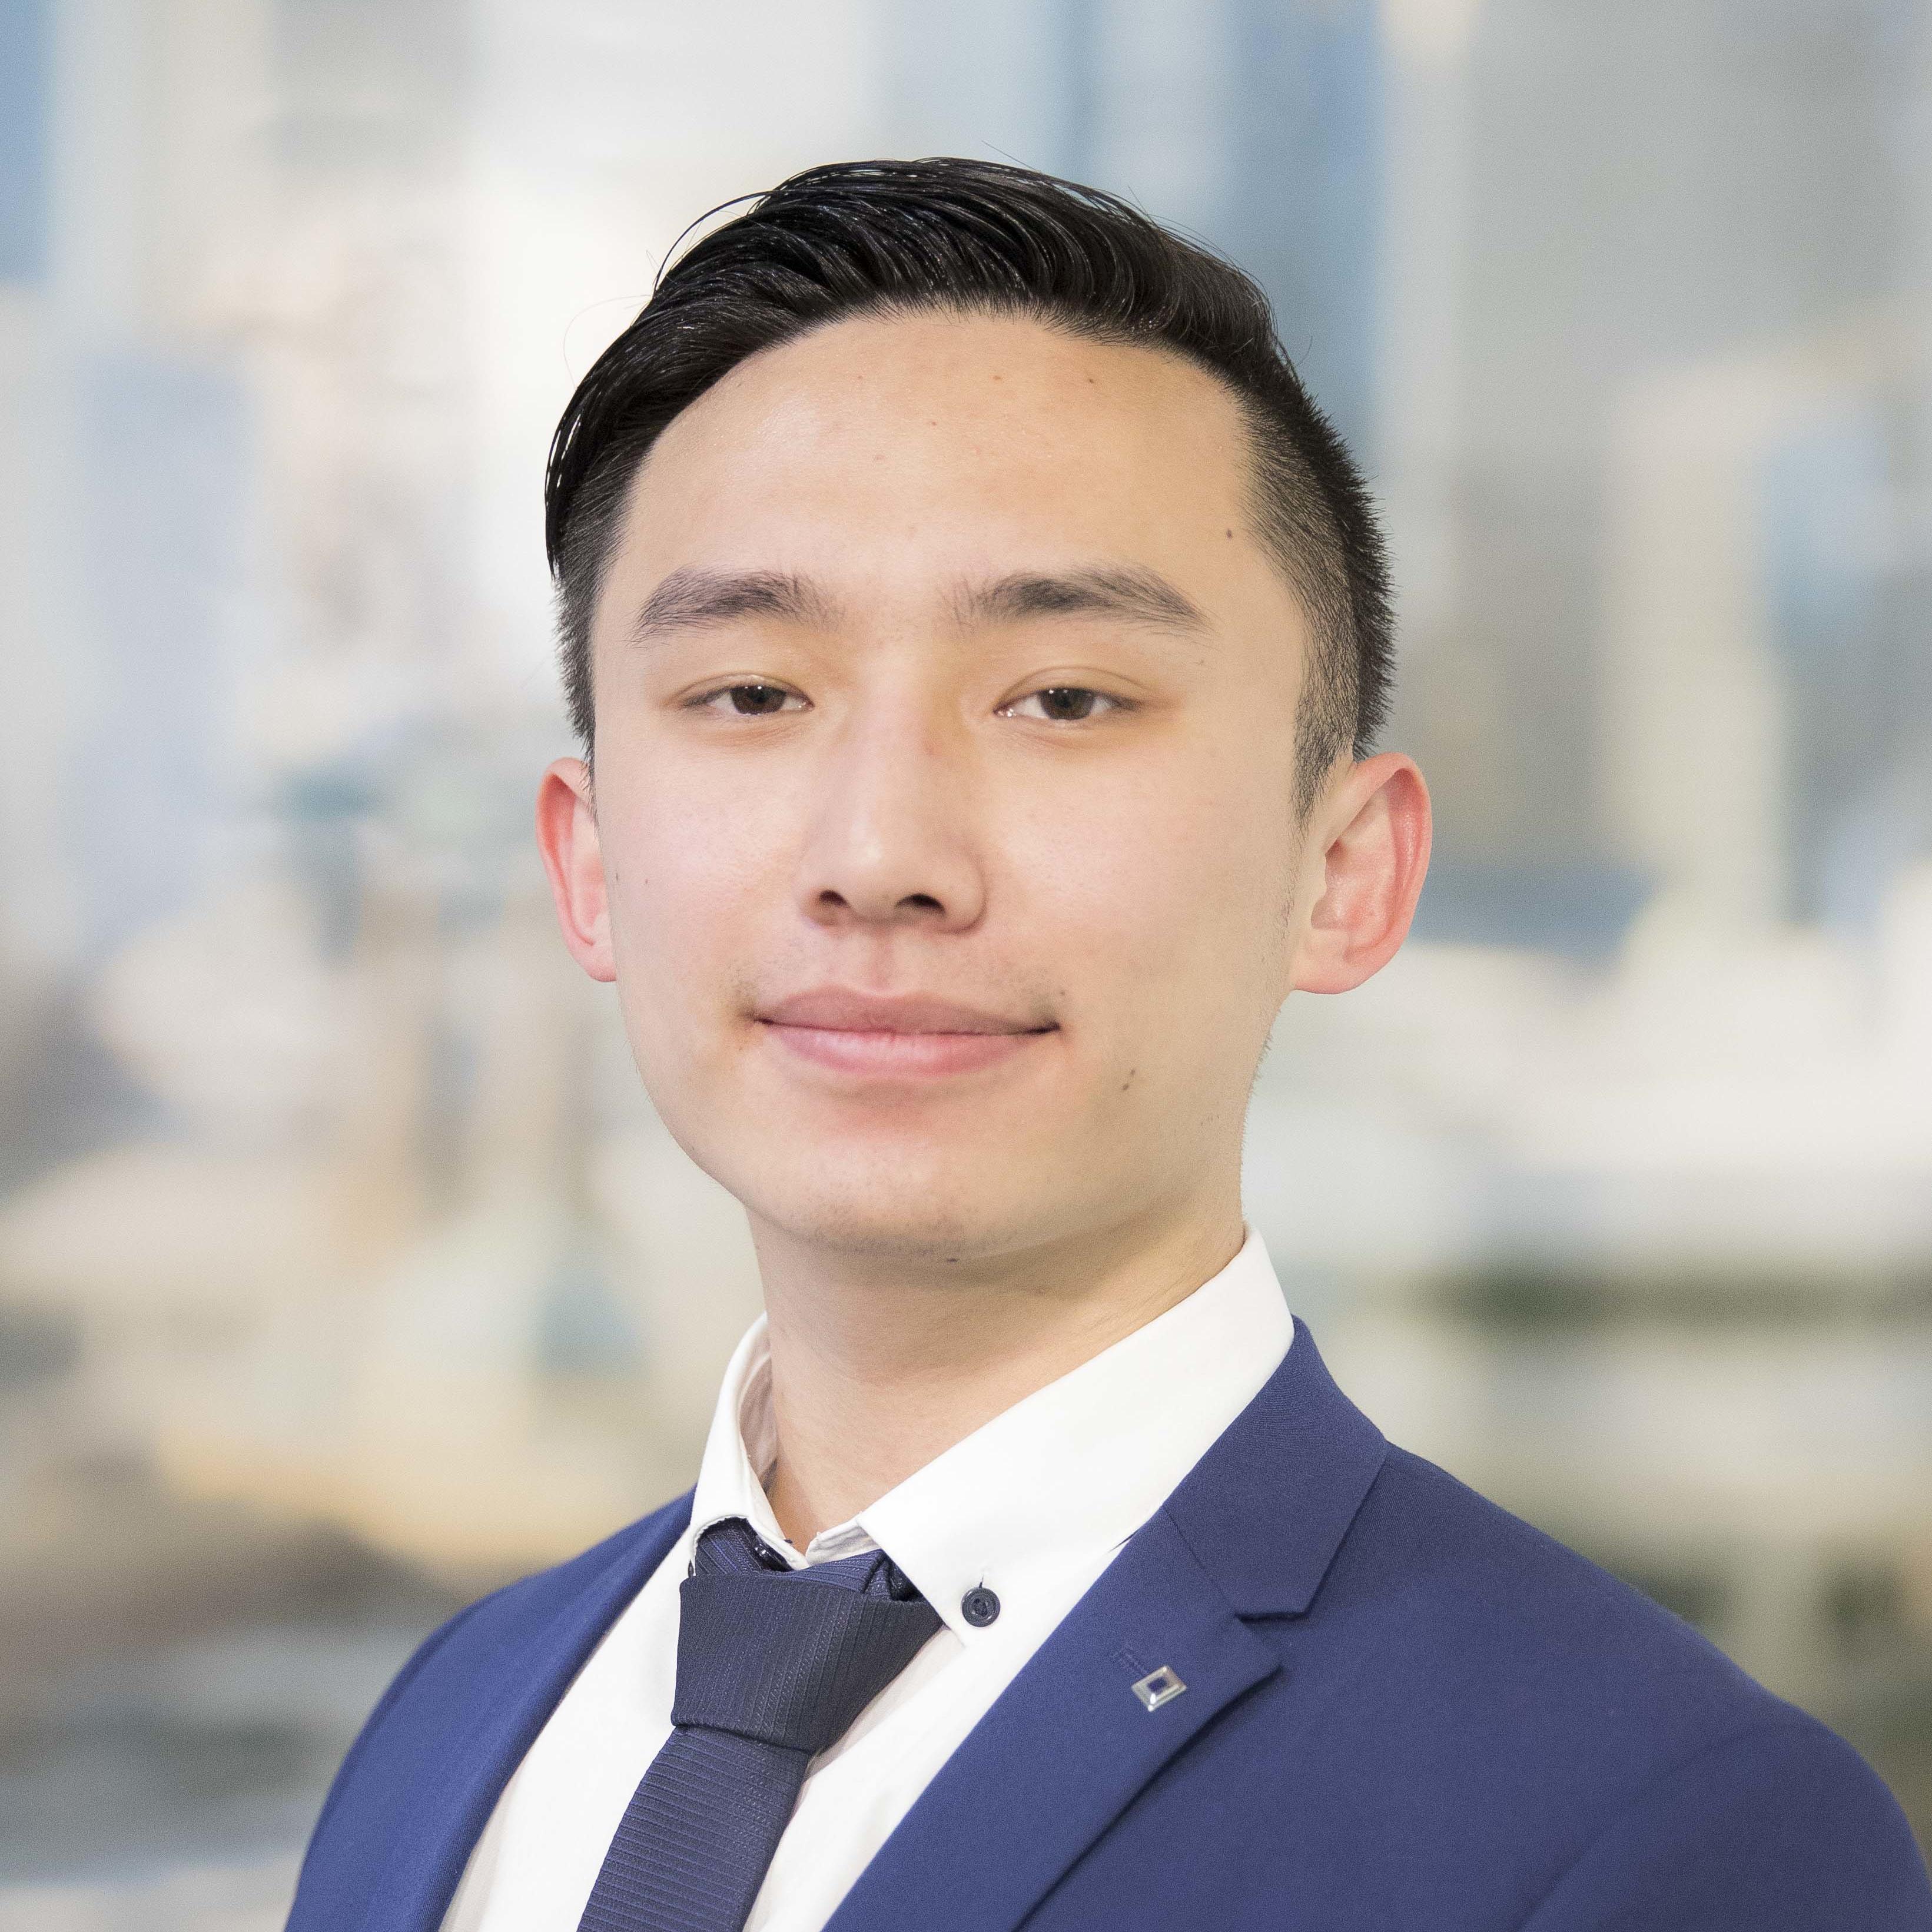 Harry Li from Qualcomm Institute